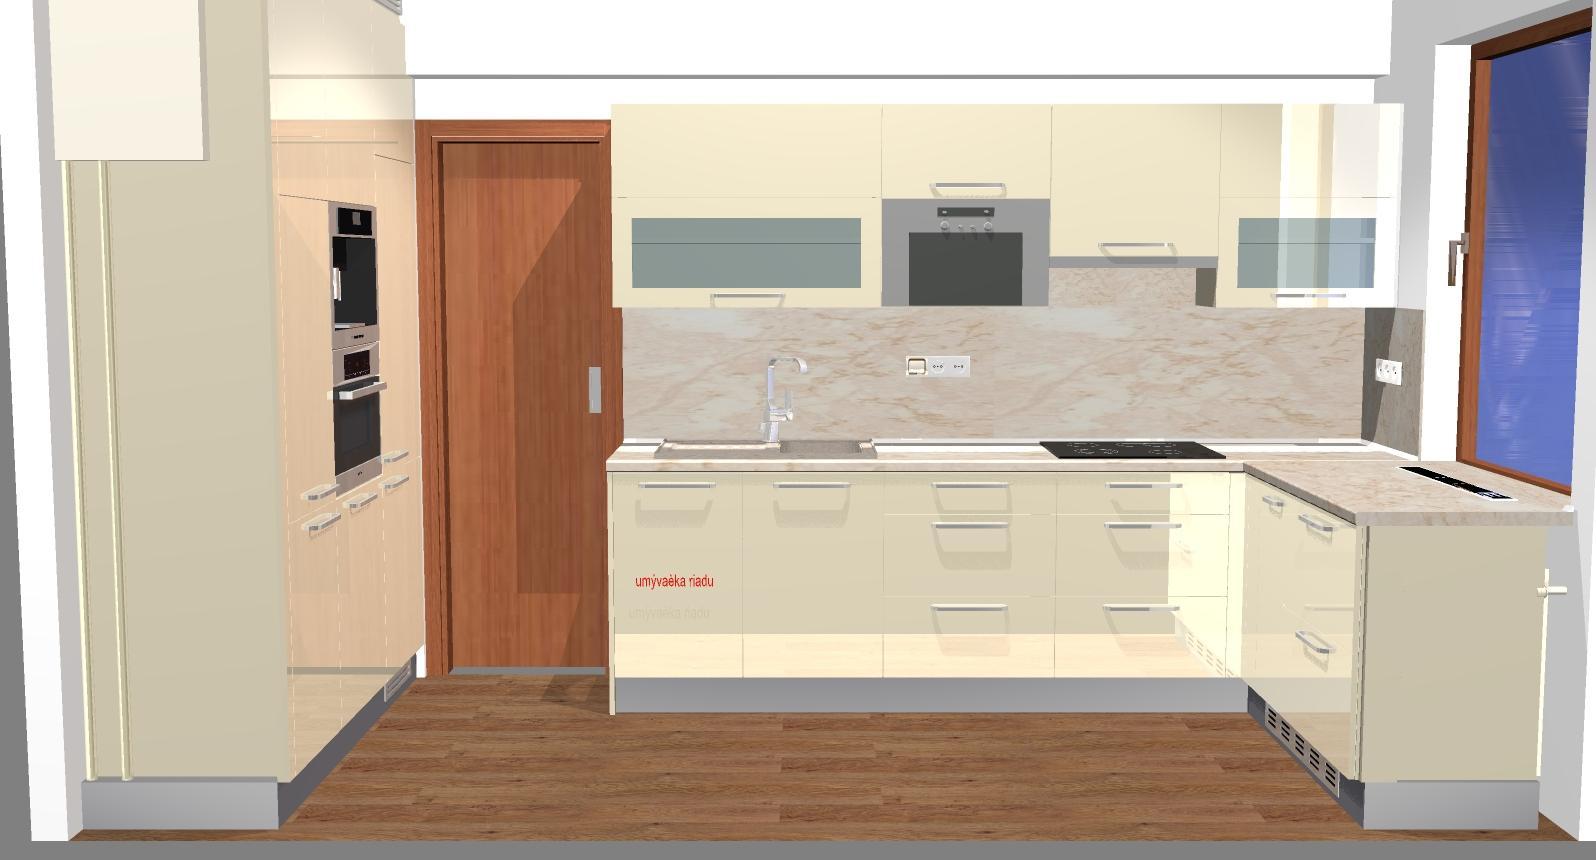 Grafické návrhy kuchynských liniek 2016 - Grafický návrh kuchynskej linky do rodinného domu - obr.4